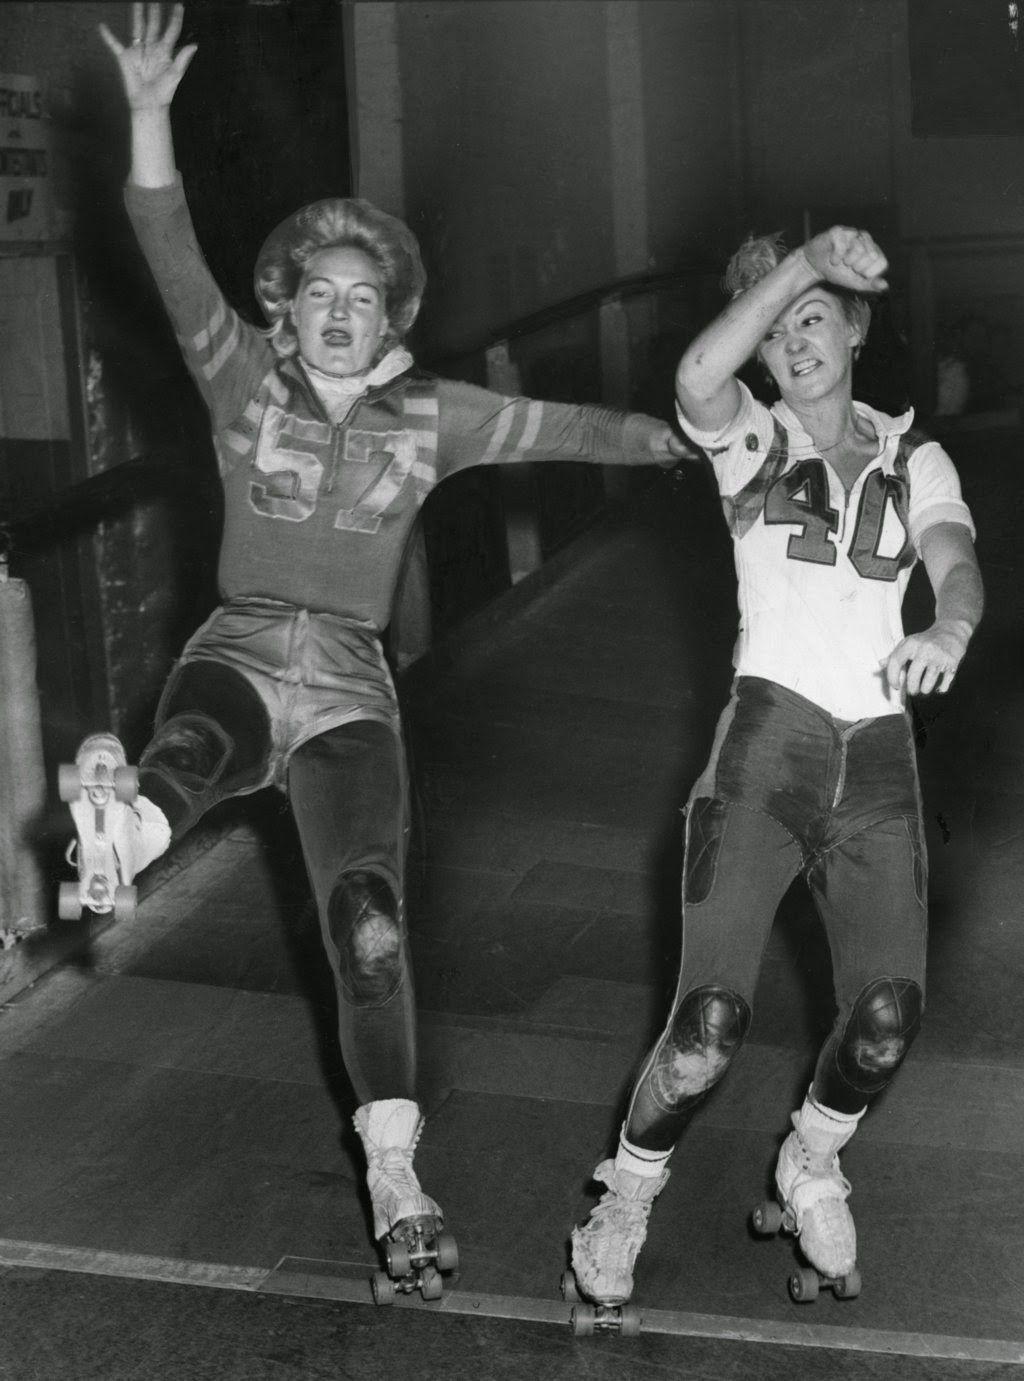 pictures Ann Calvello roller derby